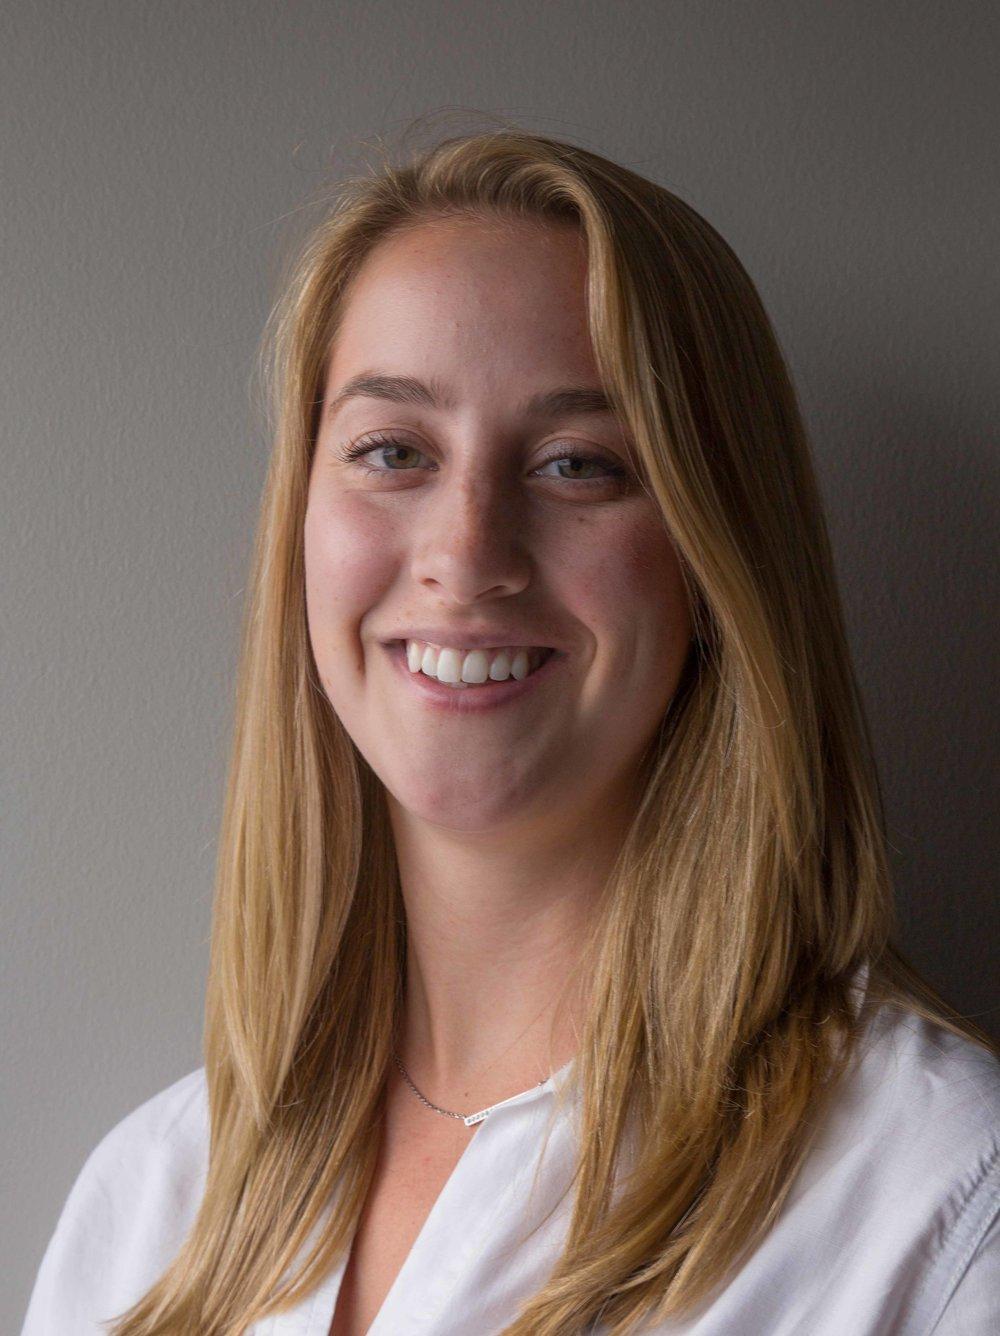 Abigail Reich, School of Public Health